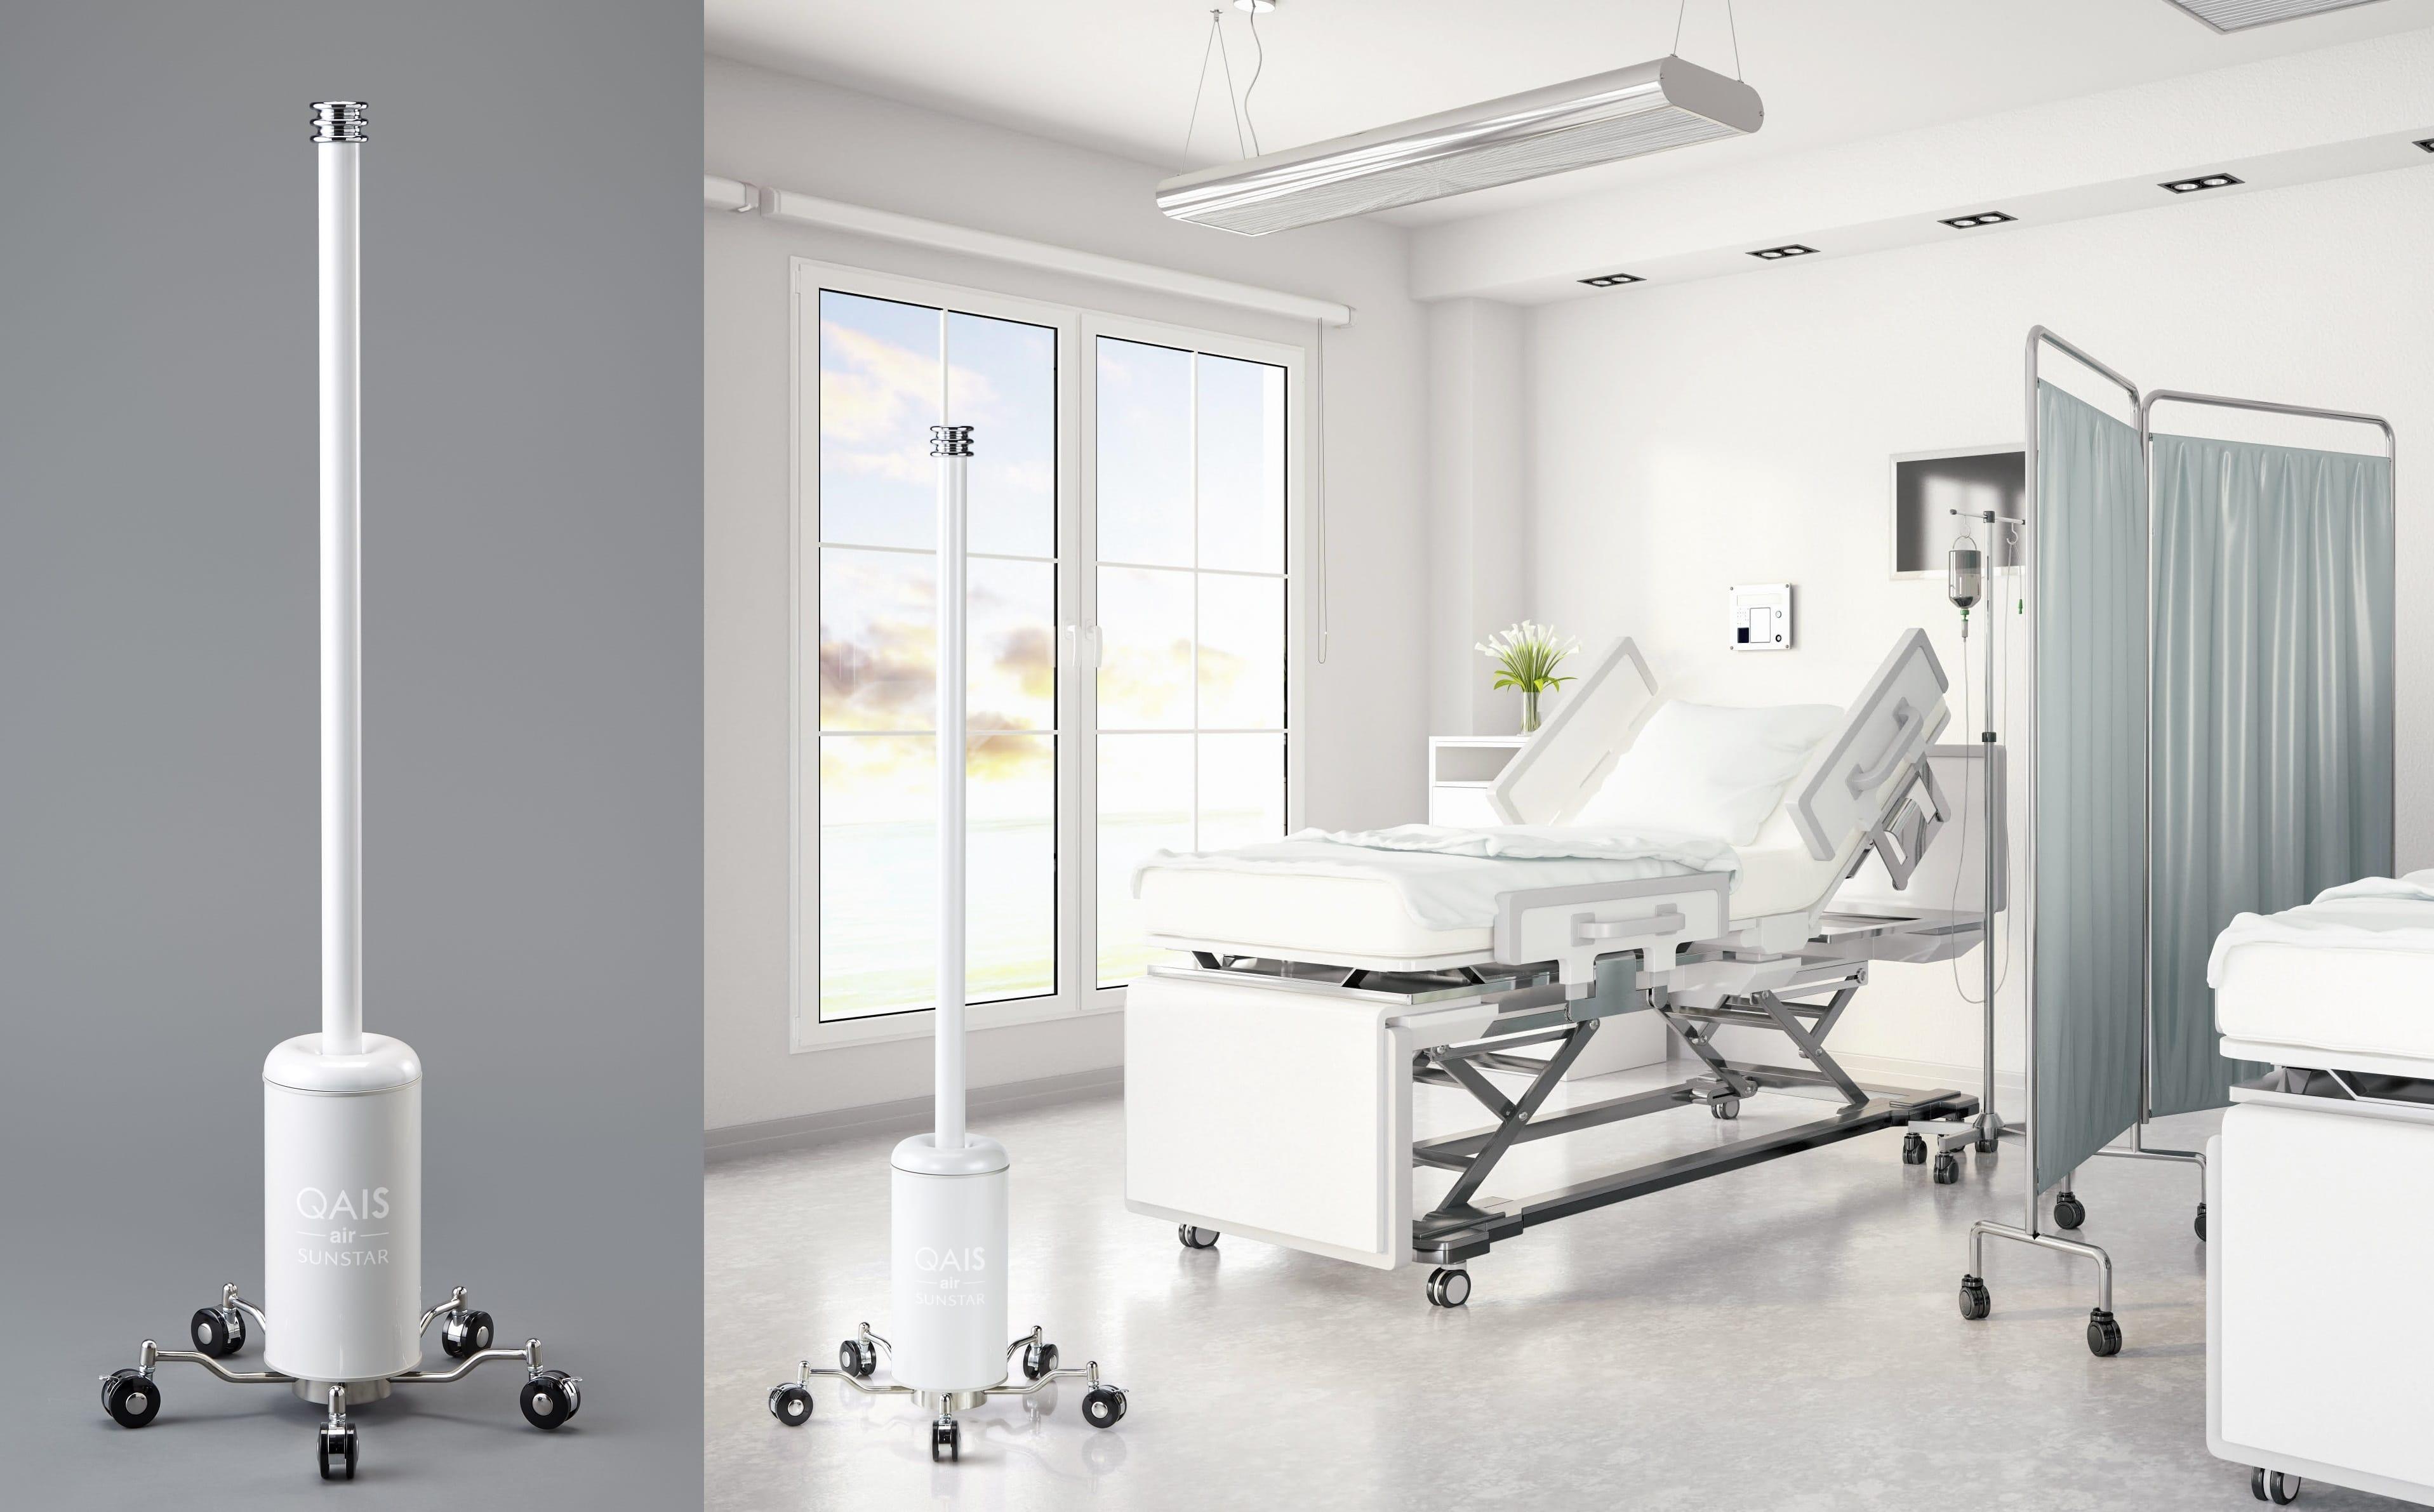 サンスター、病院・介護施設向けUV-C&光触媒搭載の除菌脱臭機 病室間の移動が容易なキャスタースタンド型を新発売